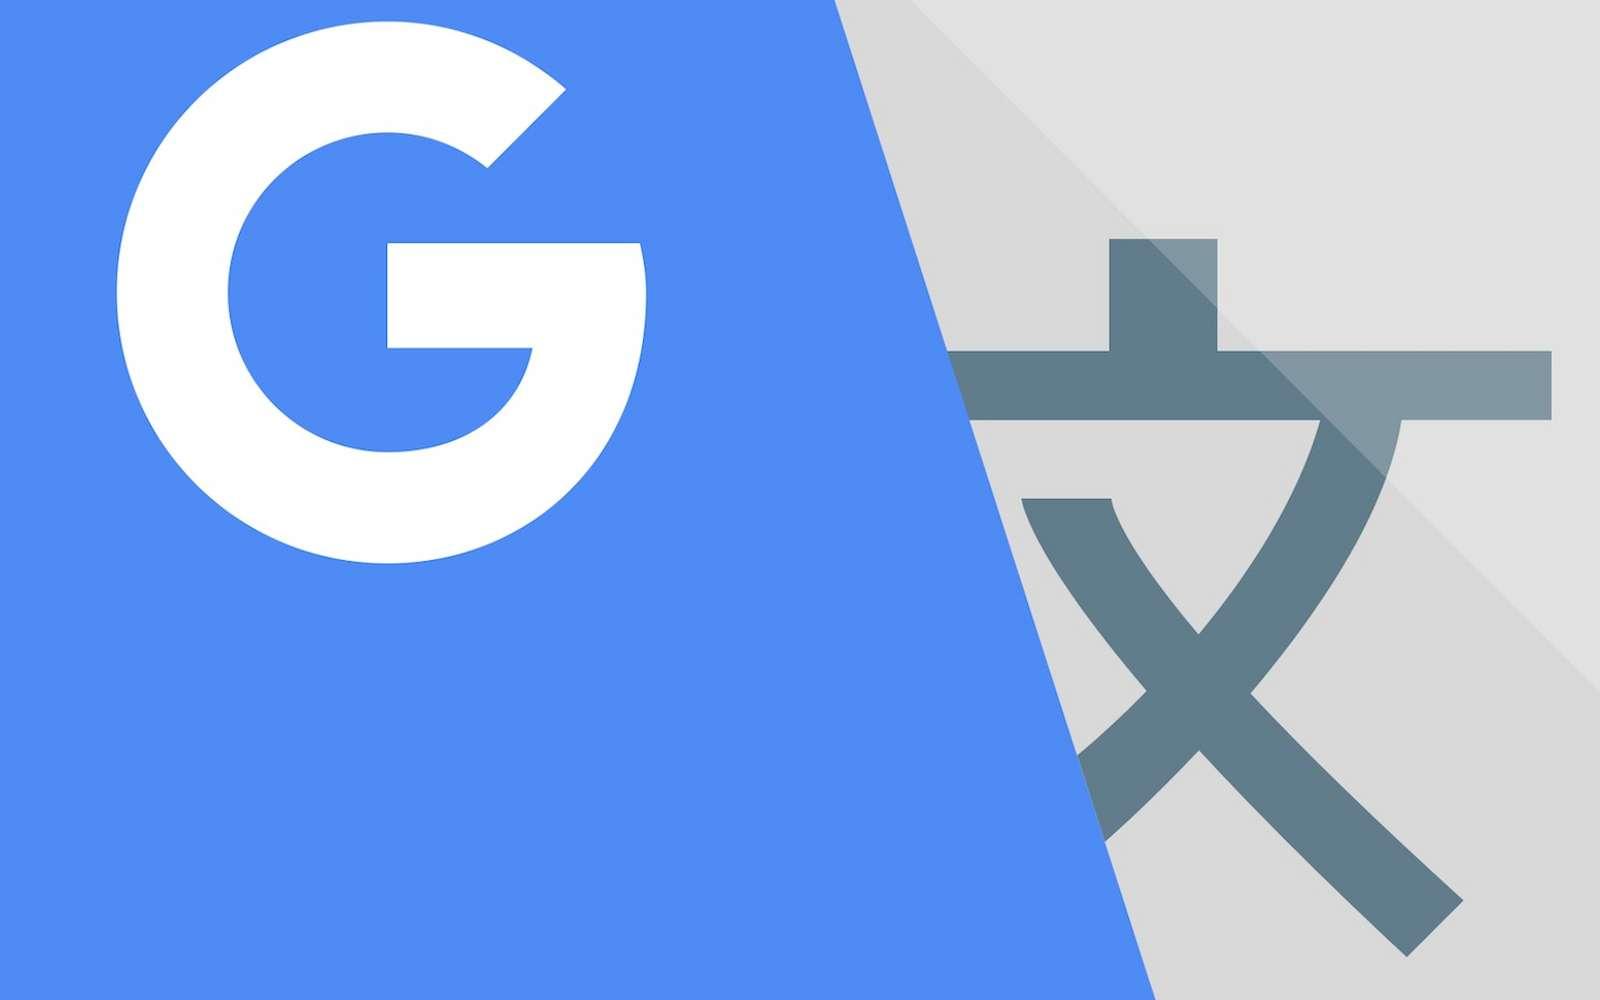 Pour déjouer la vigilance des internautes, les pirates sont allés cacher leur faux formulaire dans une page traduite par Google Translate. © Google